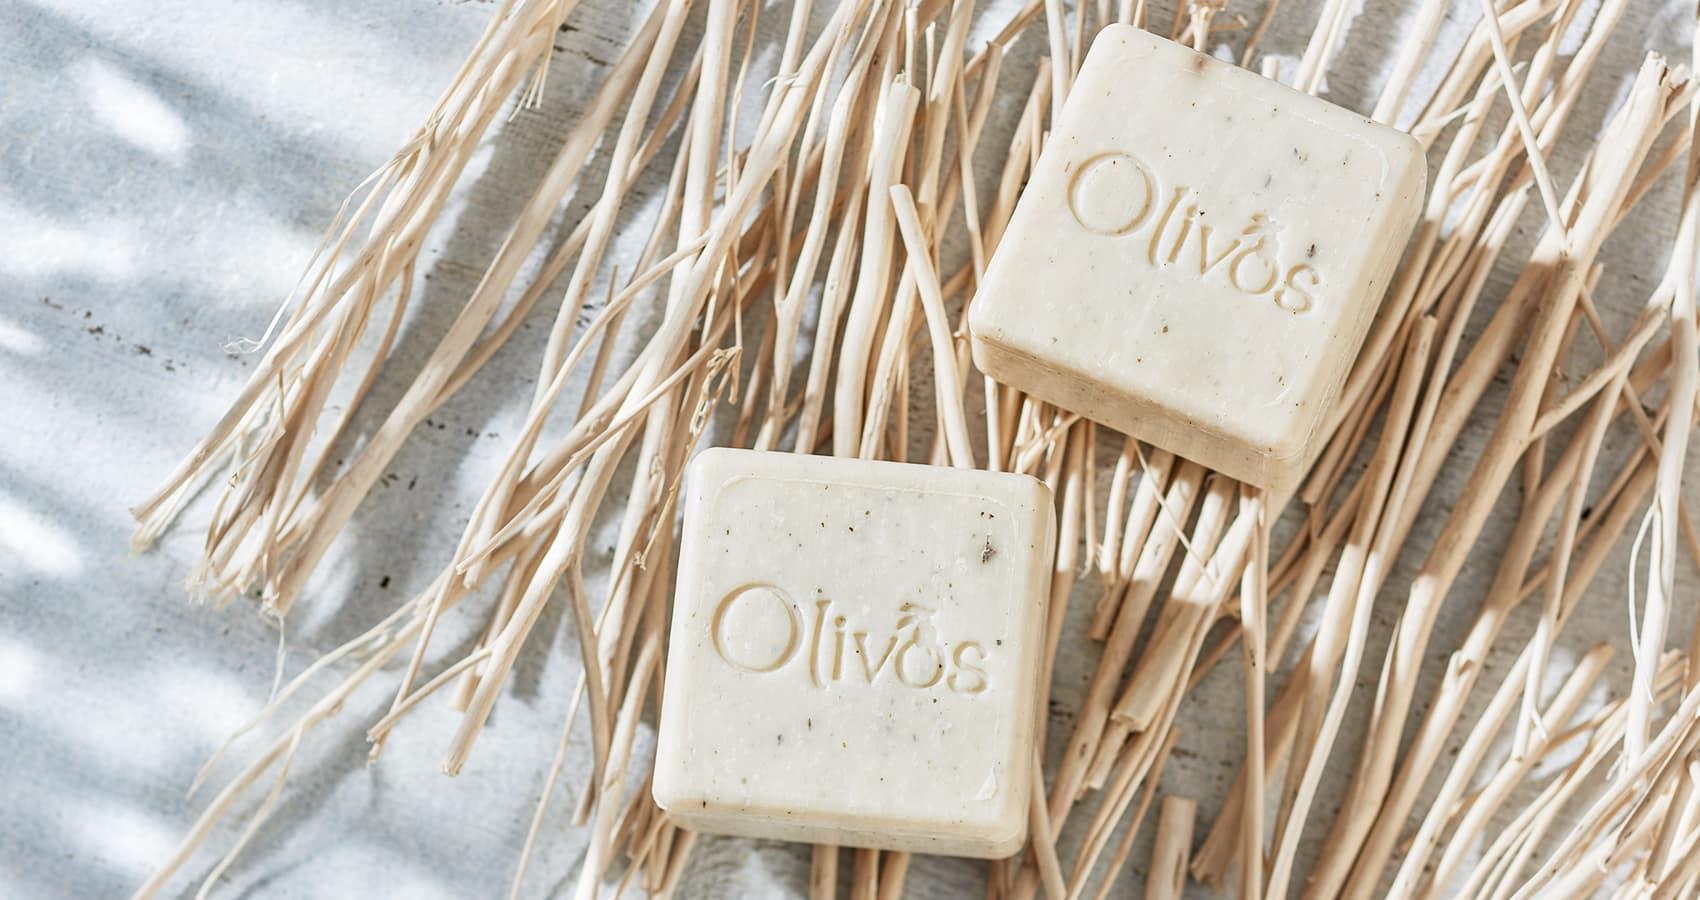 OLIVOS 土耳其橄欖油手工皂